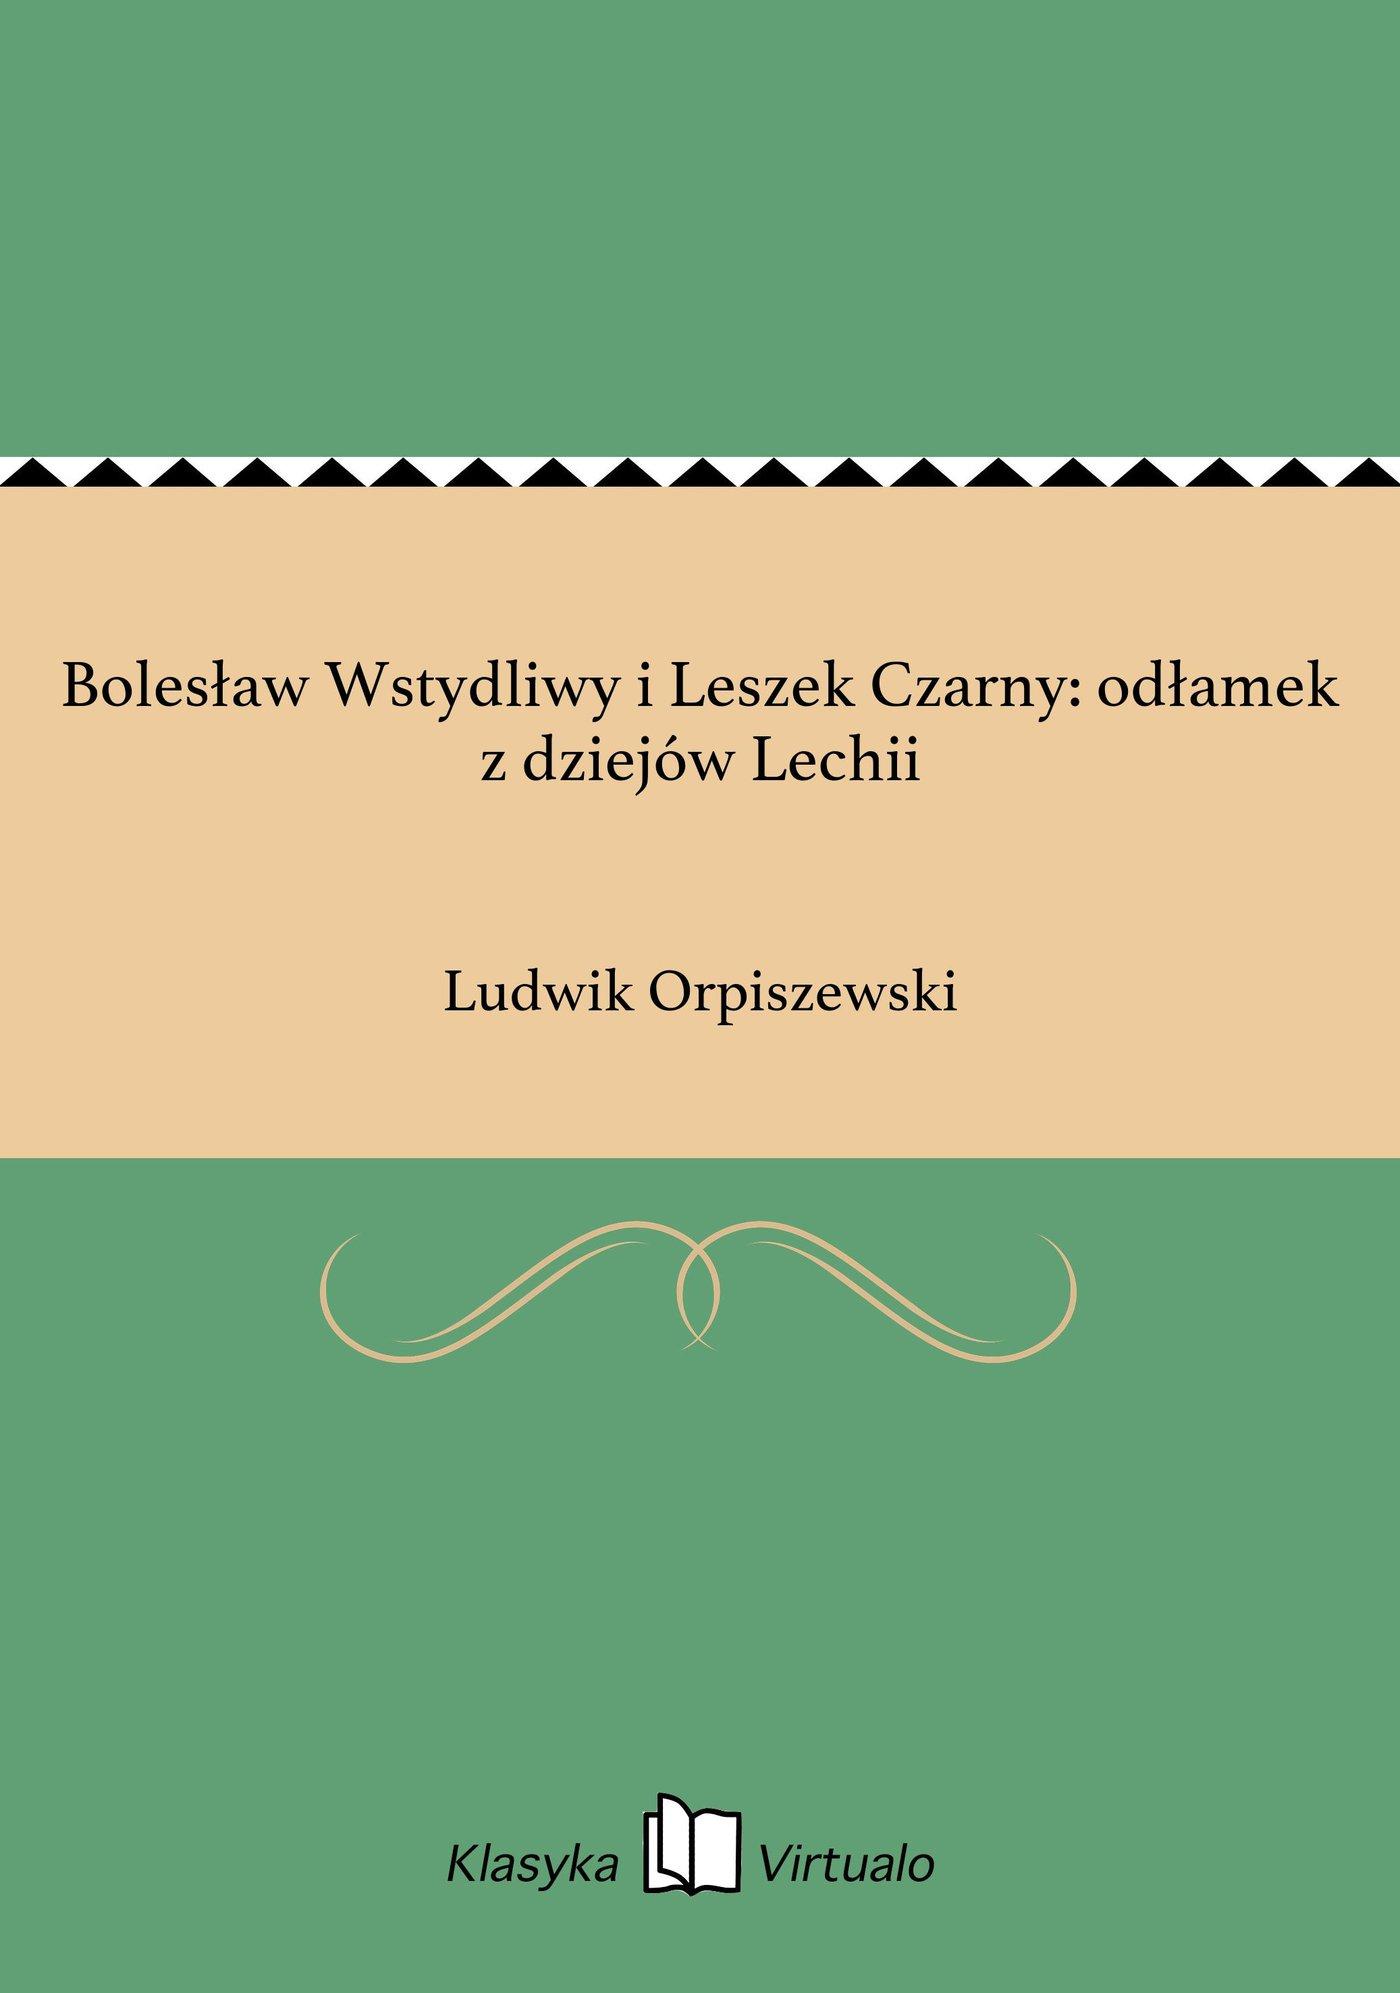 Bolesław Wstydliwy i Leszek Czarny: odłamek z dziejów Lechii - Ebook (Książka EPUB) do pobrania w formacie EPUB